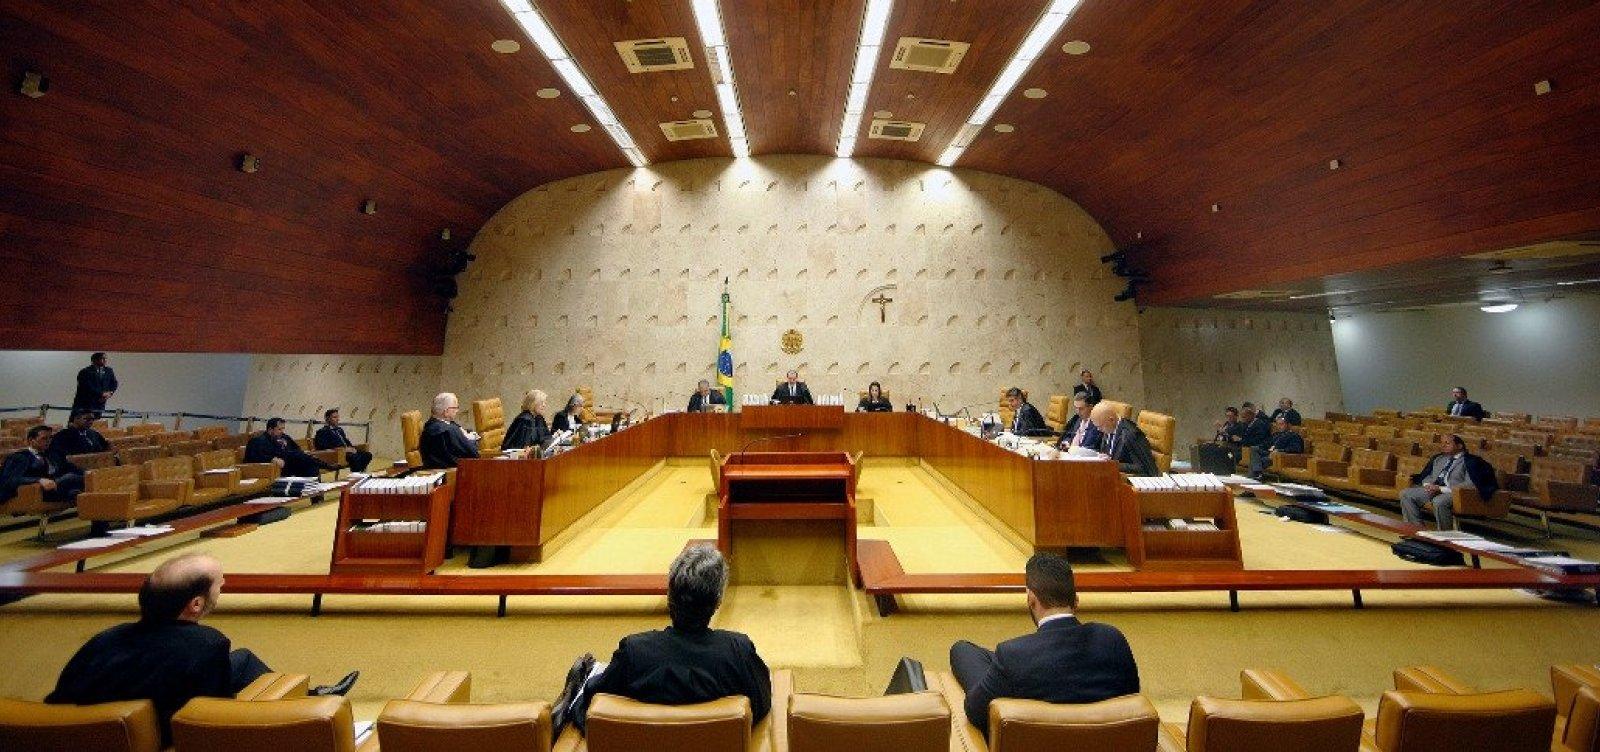 [Após vídeo, ministros do STF veem participação de 1º escalão do governo em atos antidemocráticos]